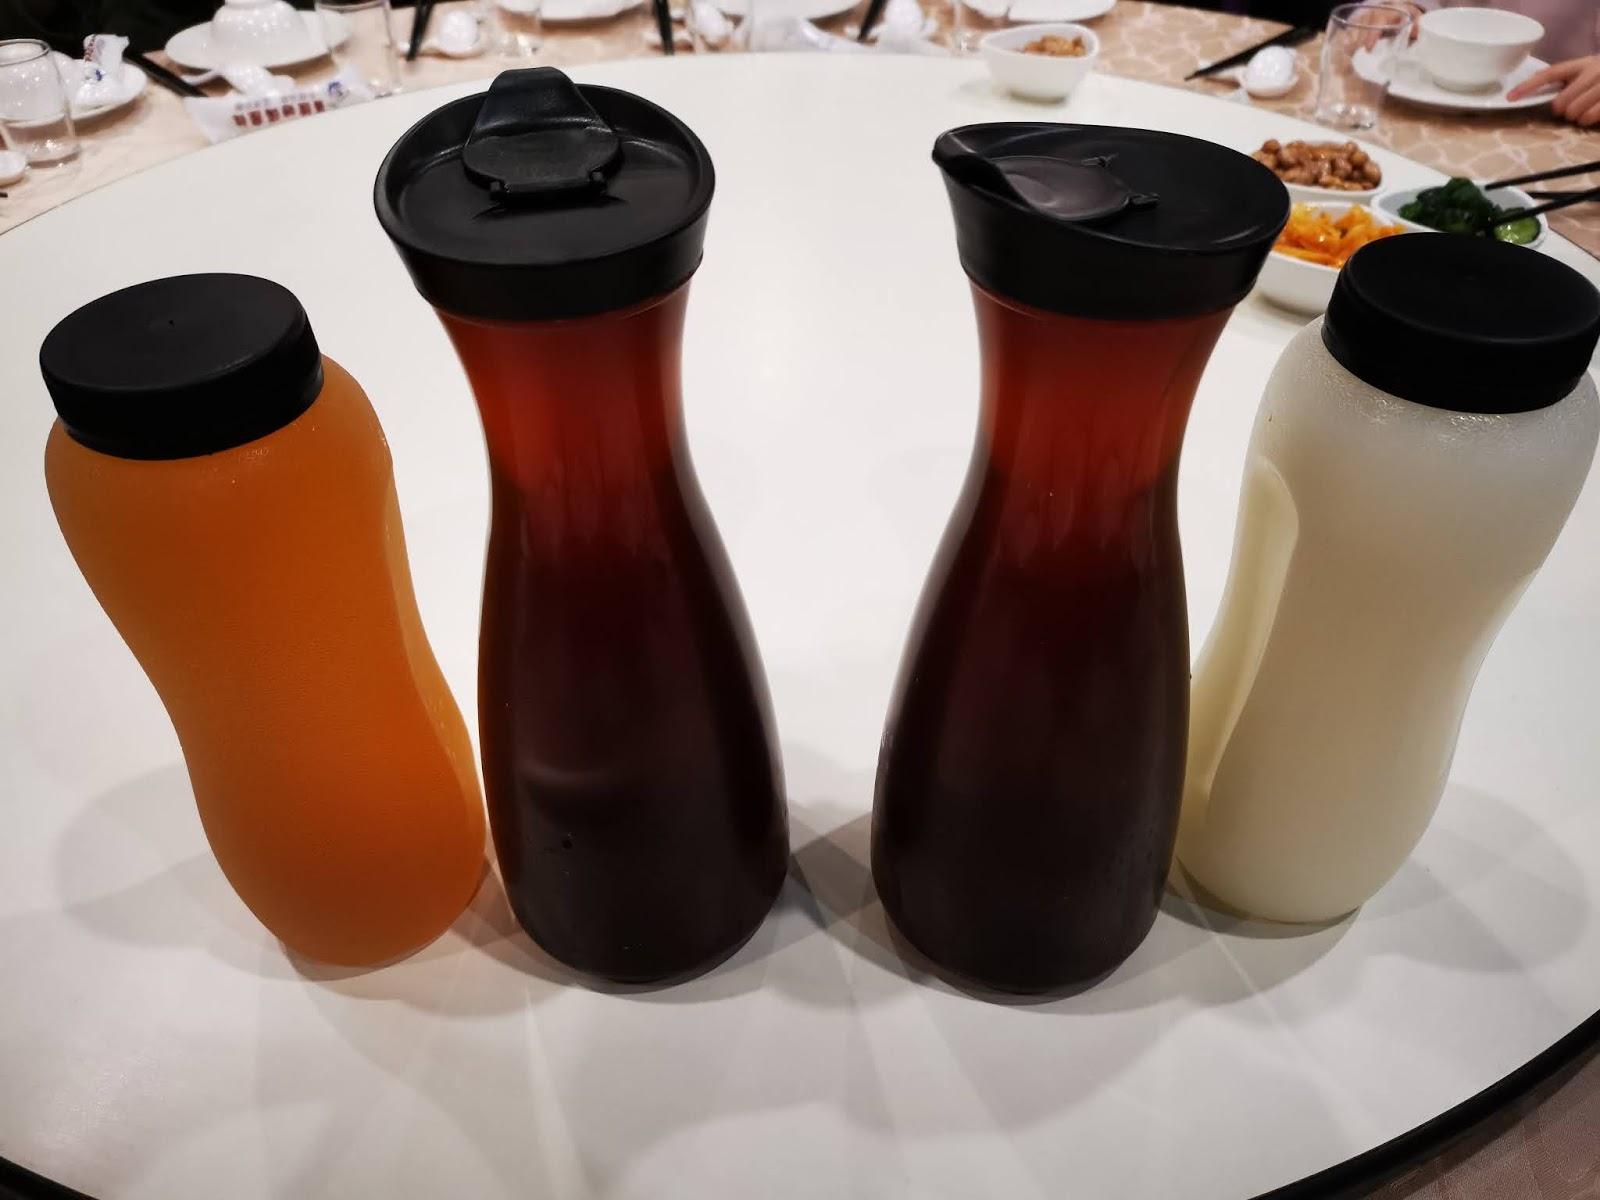 基隆港海產樓飲料有多種